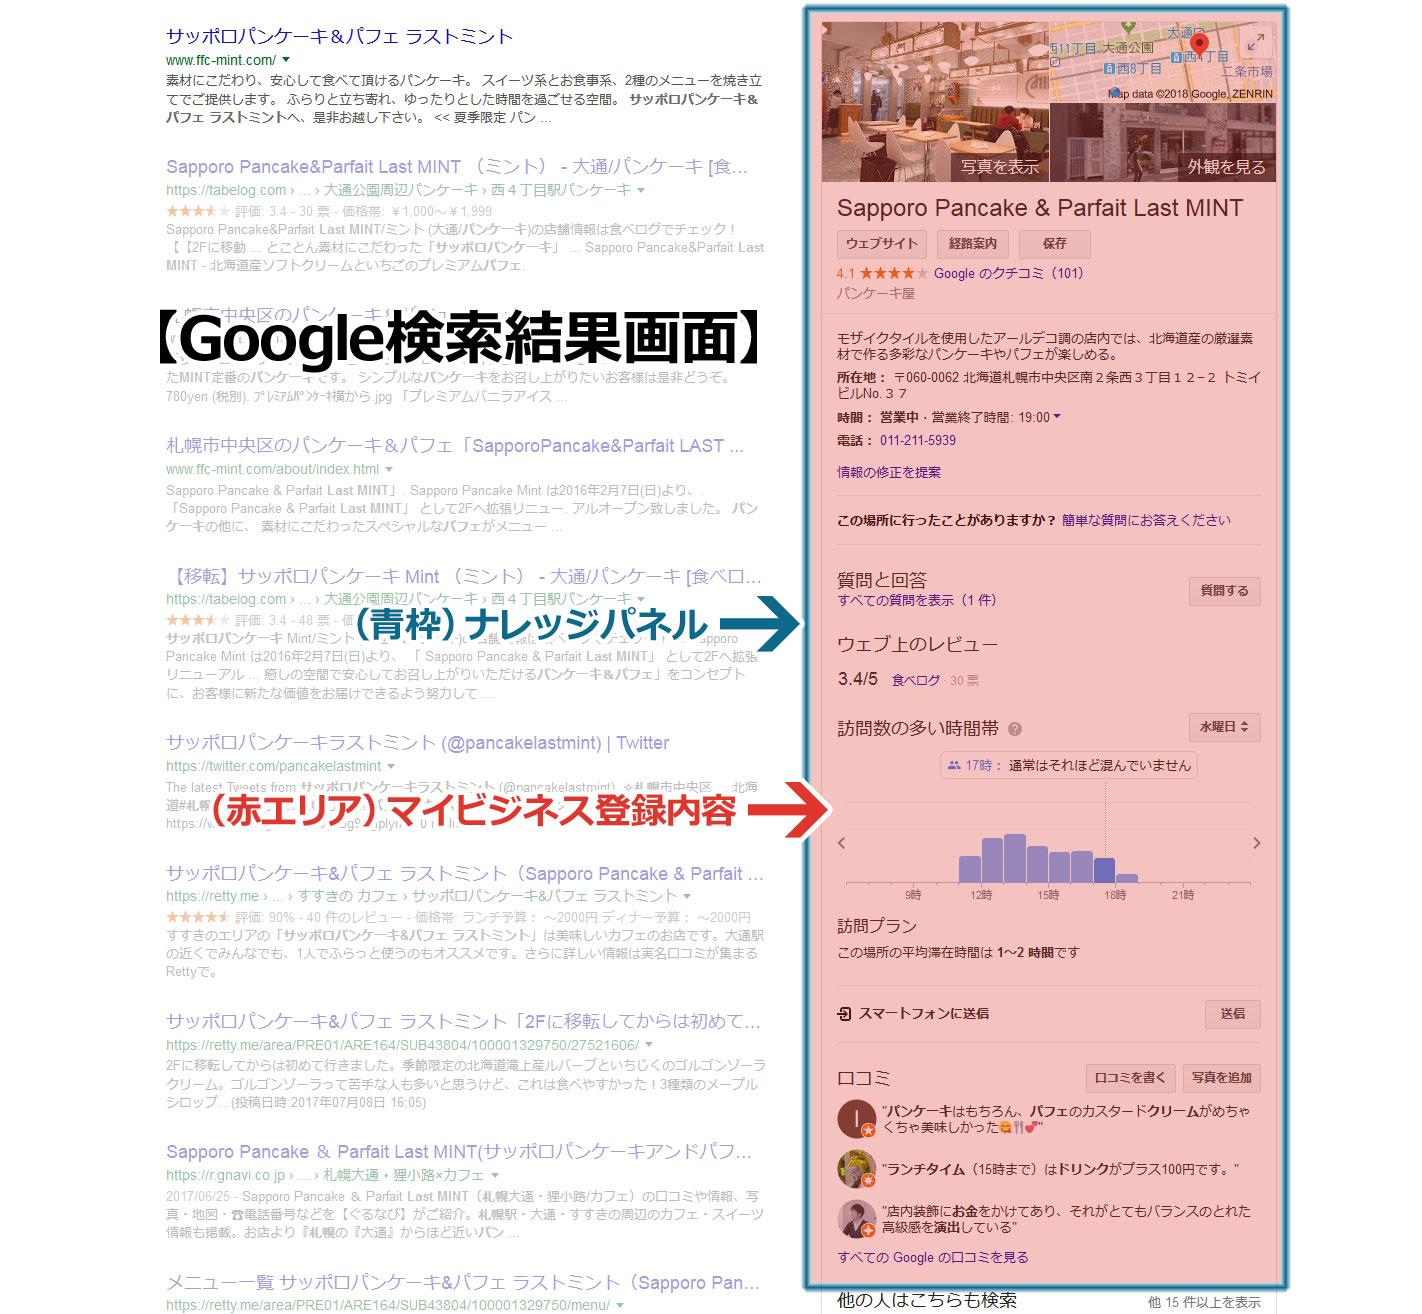 Google検索結果に表示されるナレッジパネルとマイビジネス情報